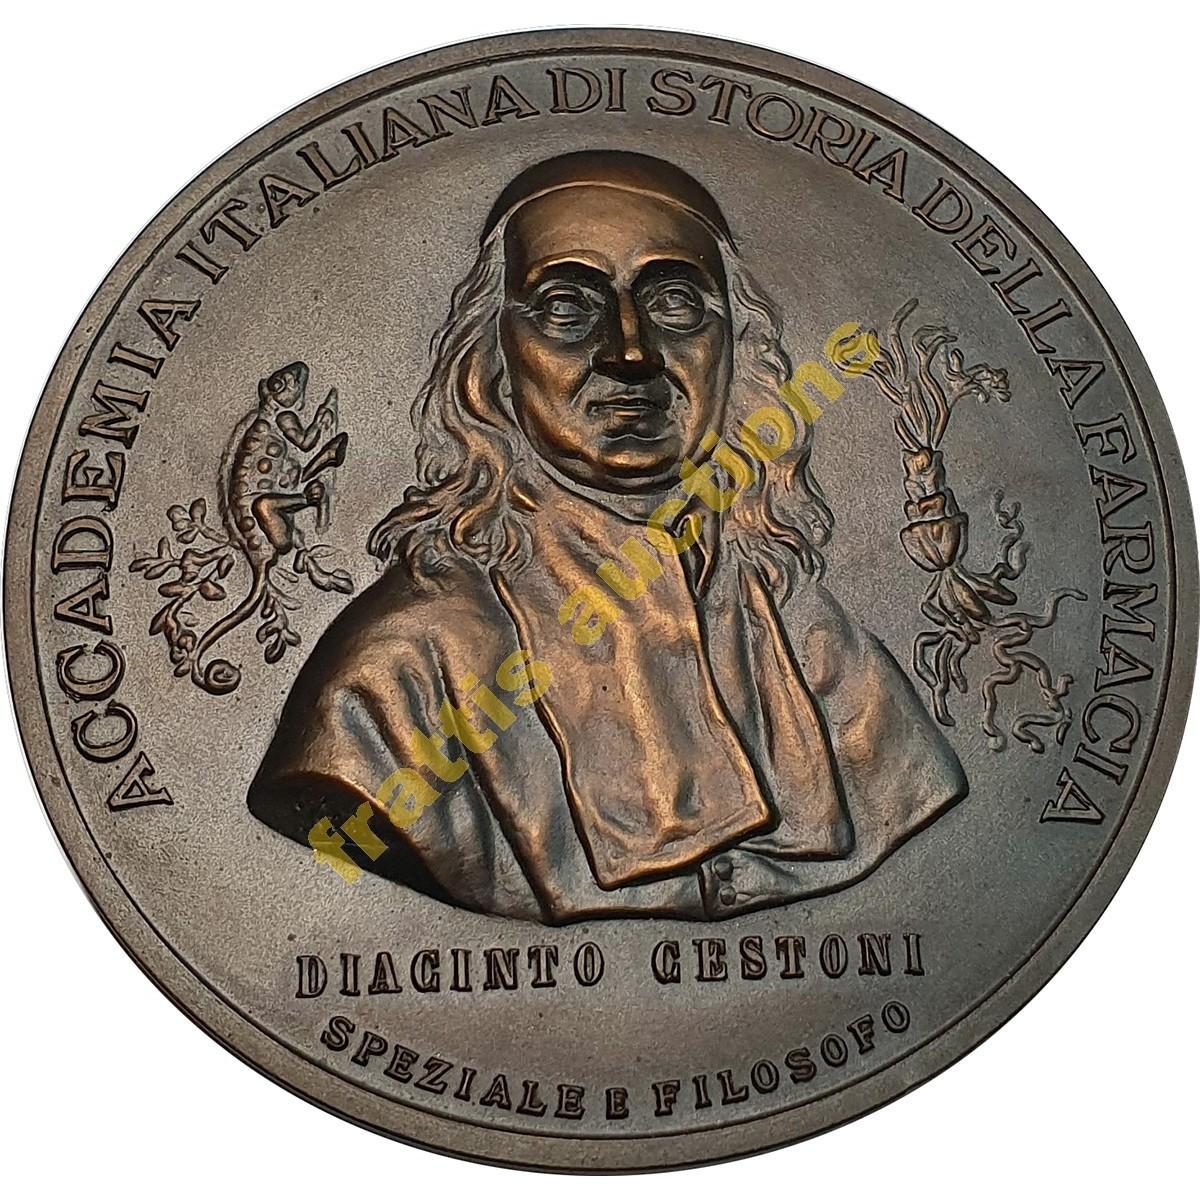 Diacinto Cestoni,Academia Italiana Di storia della Farmacia, μετάλλιο